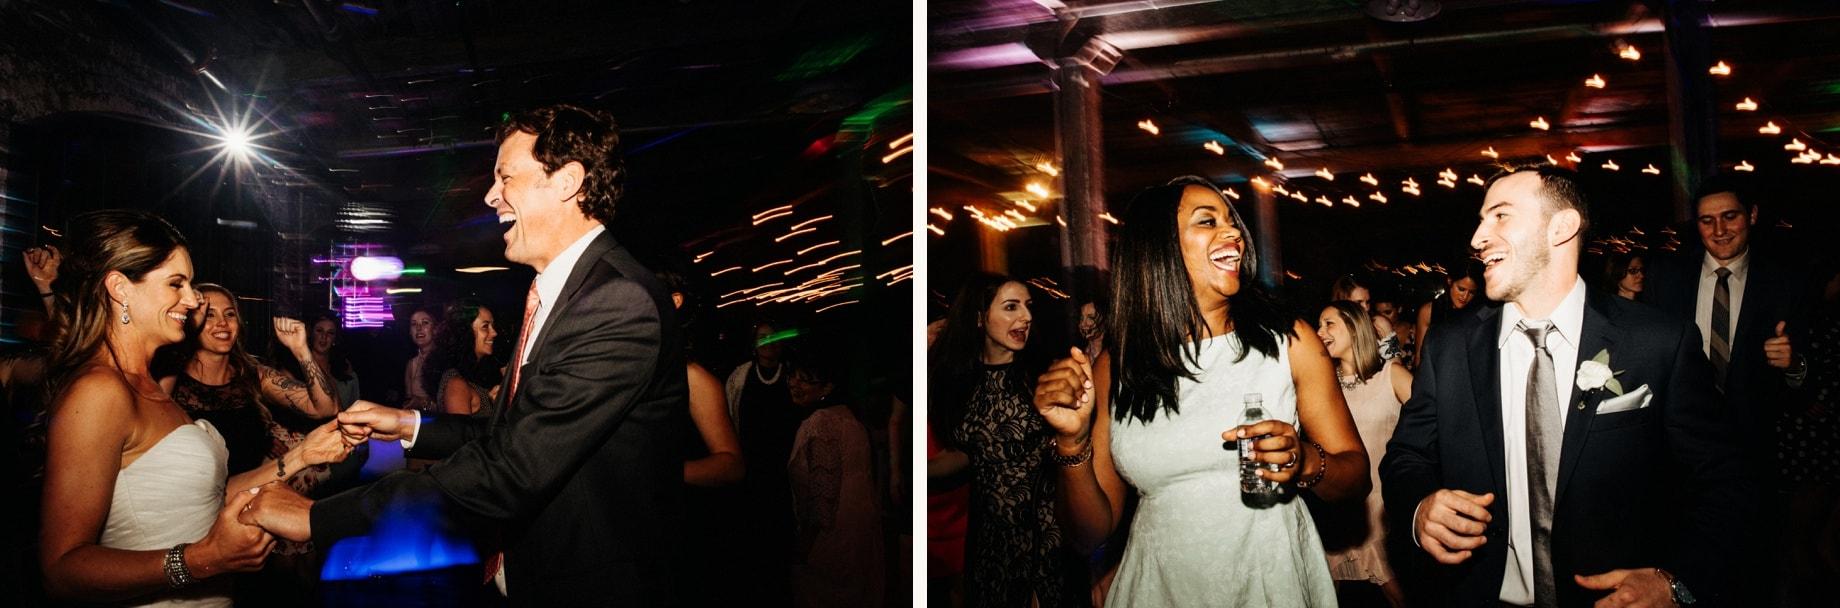 wedding guiests dancing the night away